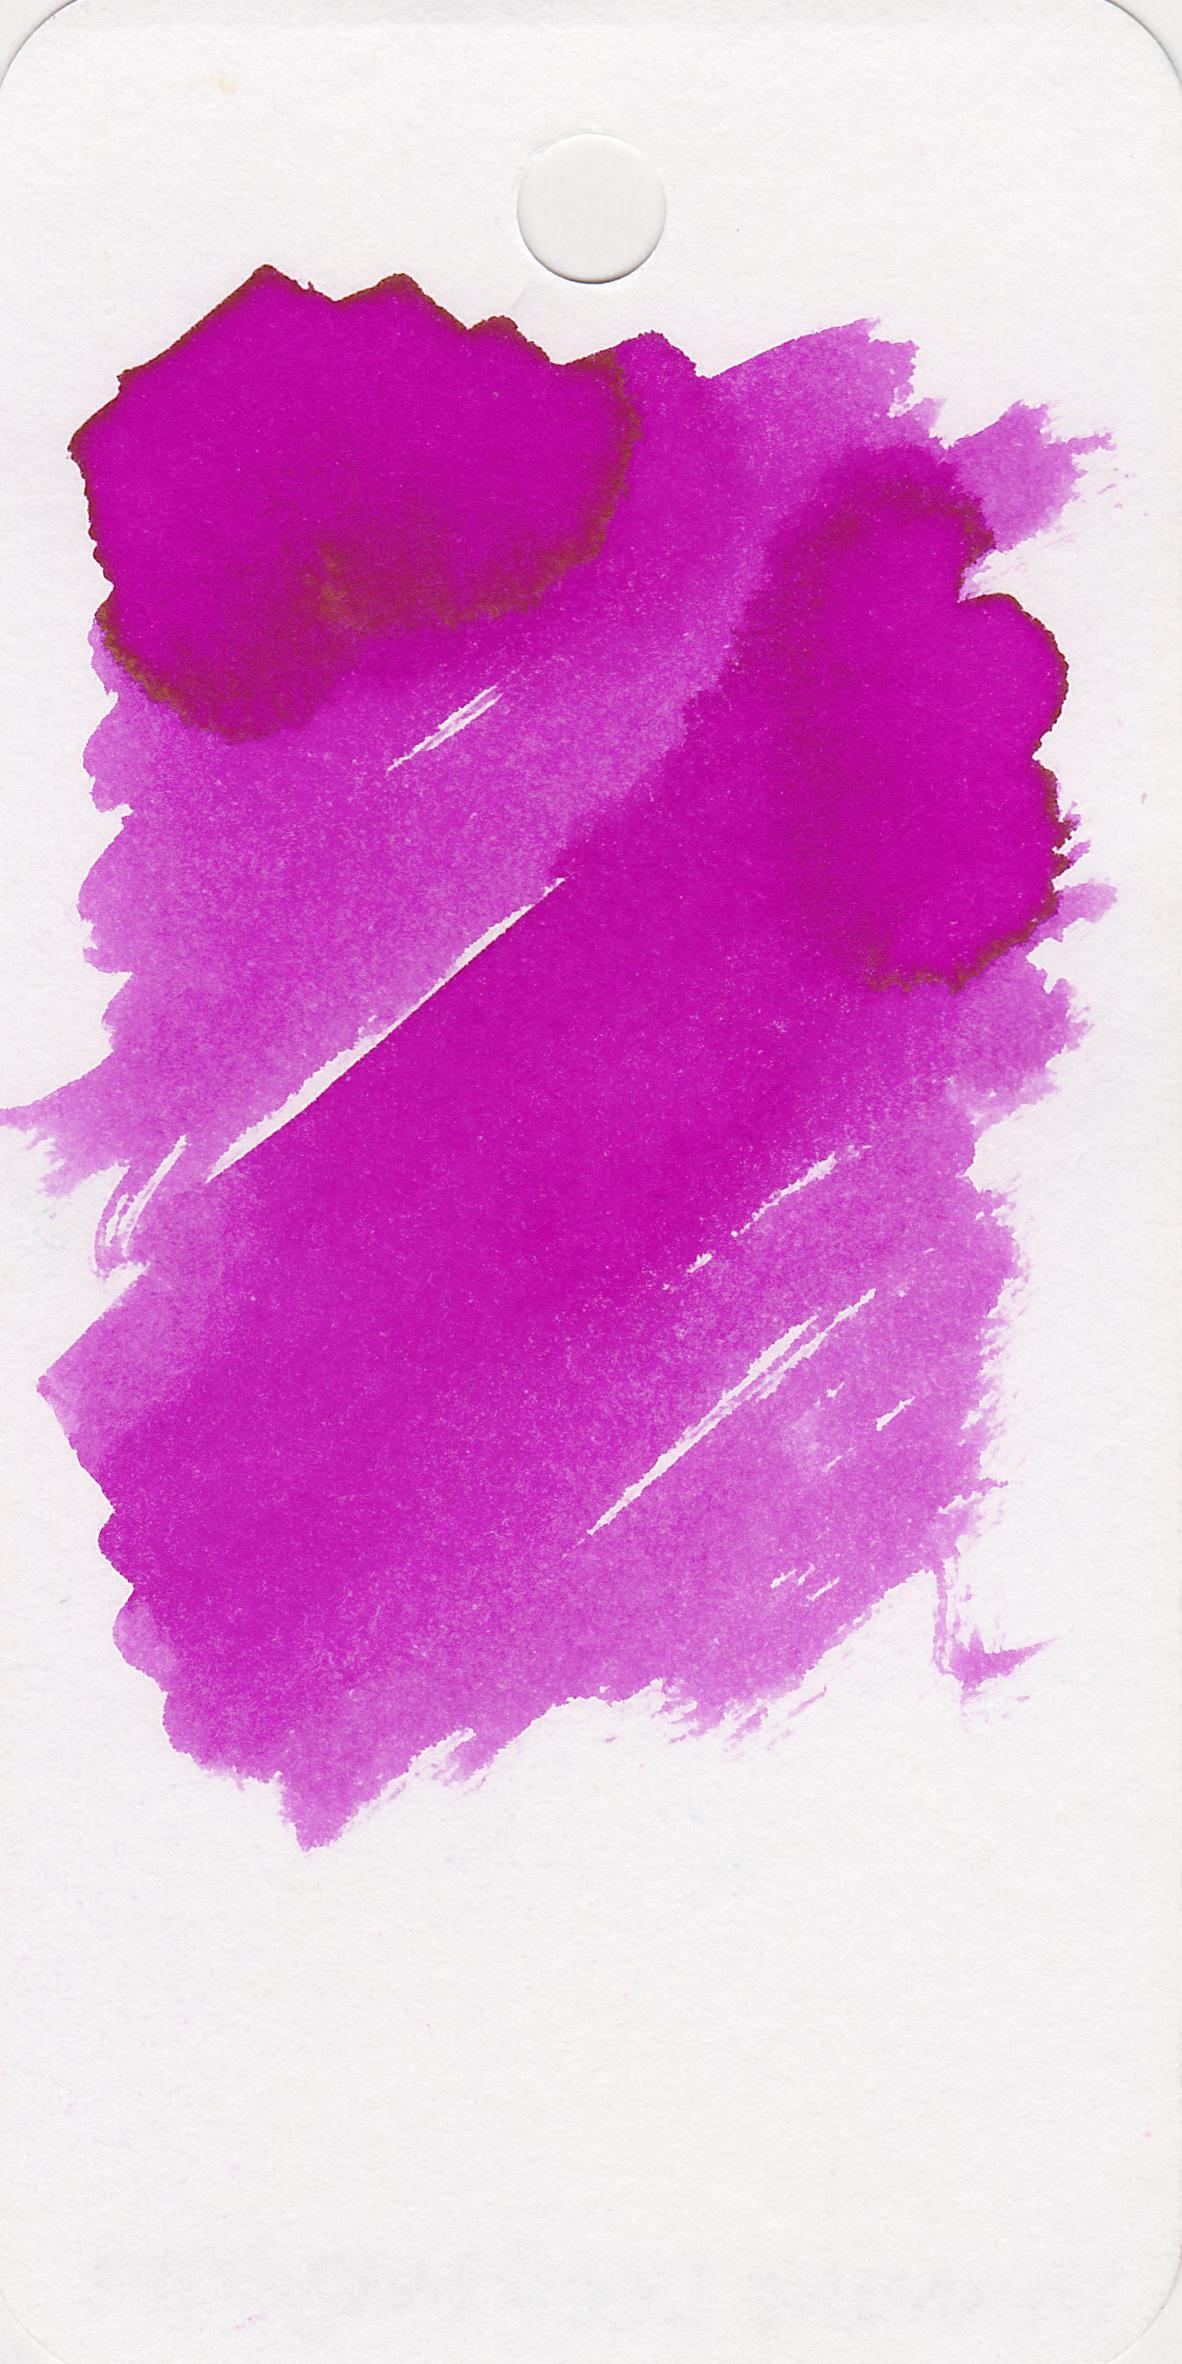 wtr-radiant-pink-3.jpg